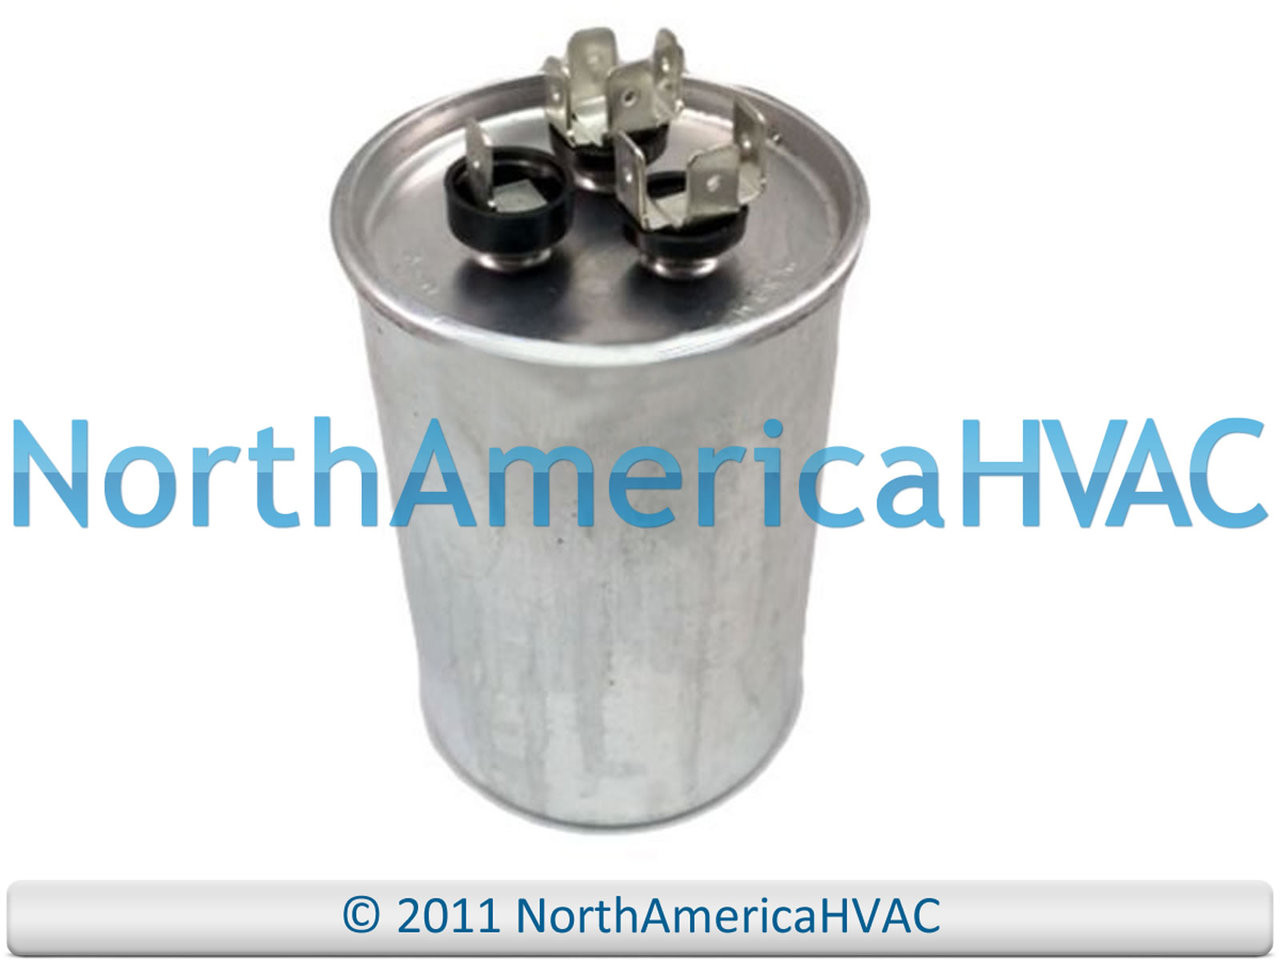 Goodman Amana Janitrol 45/5 uf 440 Volt Capacitor Fits CAP050450440RT  B9457-7300